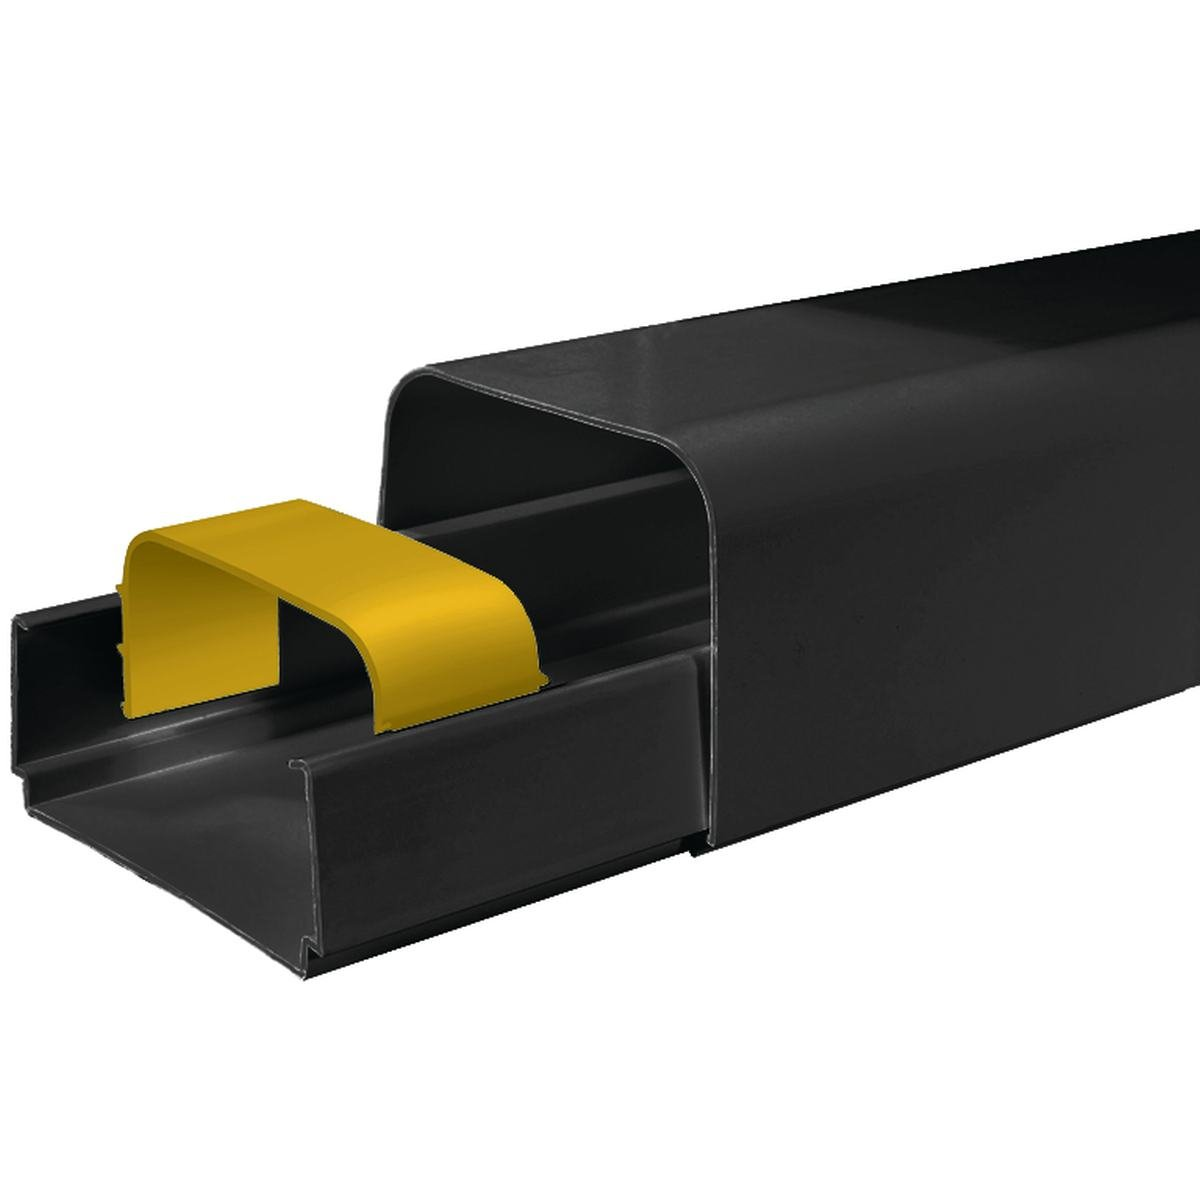 Kanalbakke 200 x 80 x 60 mm svart 8 stk